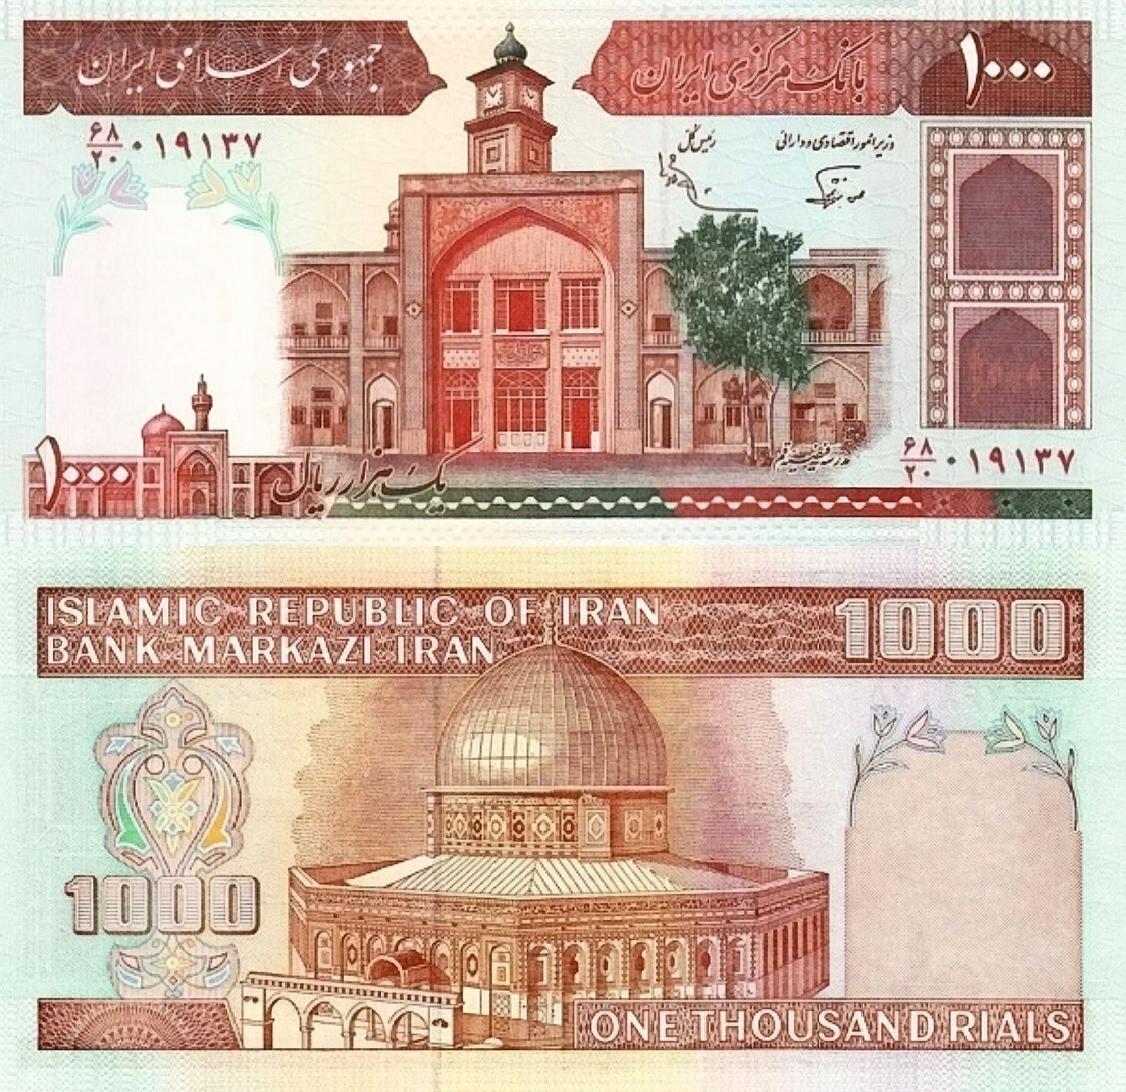 # IRAN - 1000 RIALI - 1989 - P-138 - UNC